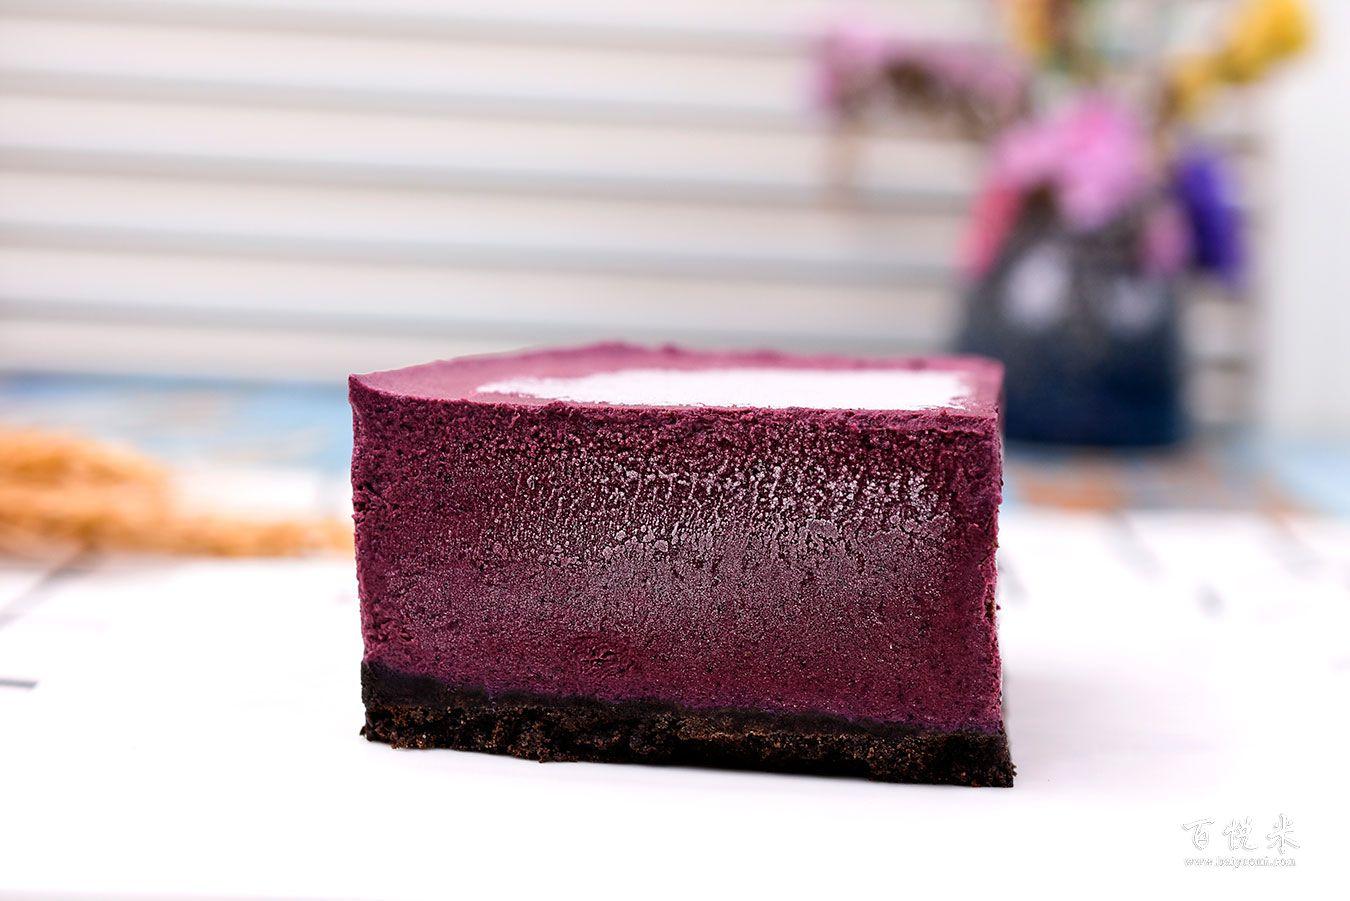 蓝莓慕斯蛋糕高清图片大全【蛋糕图片】_831